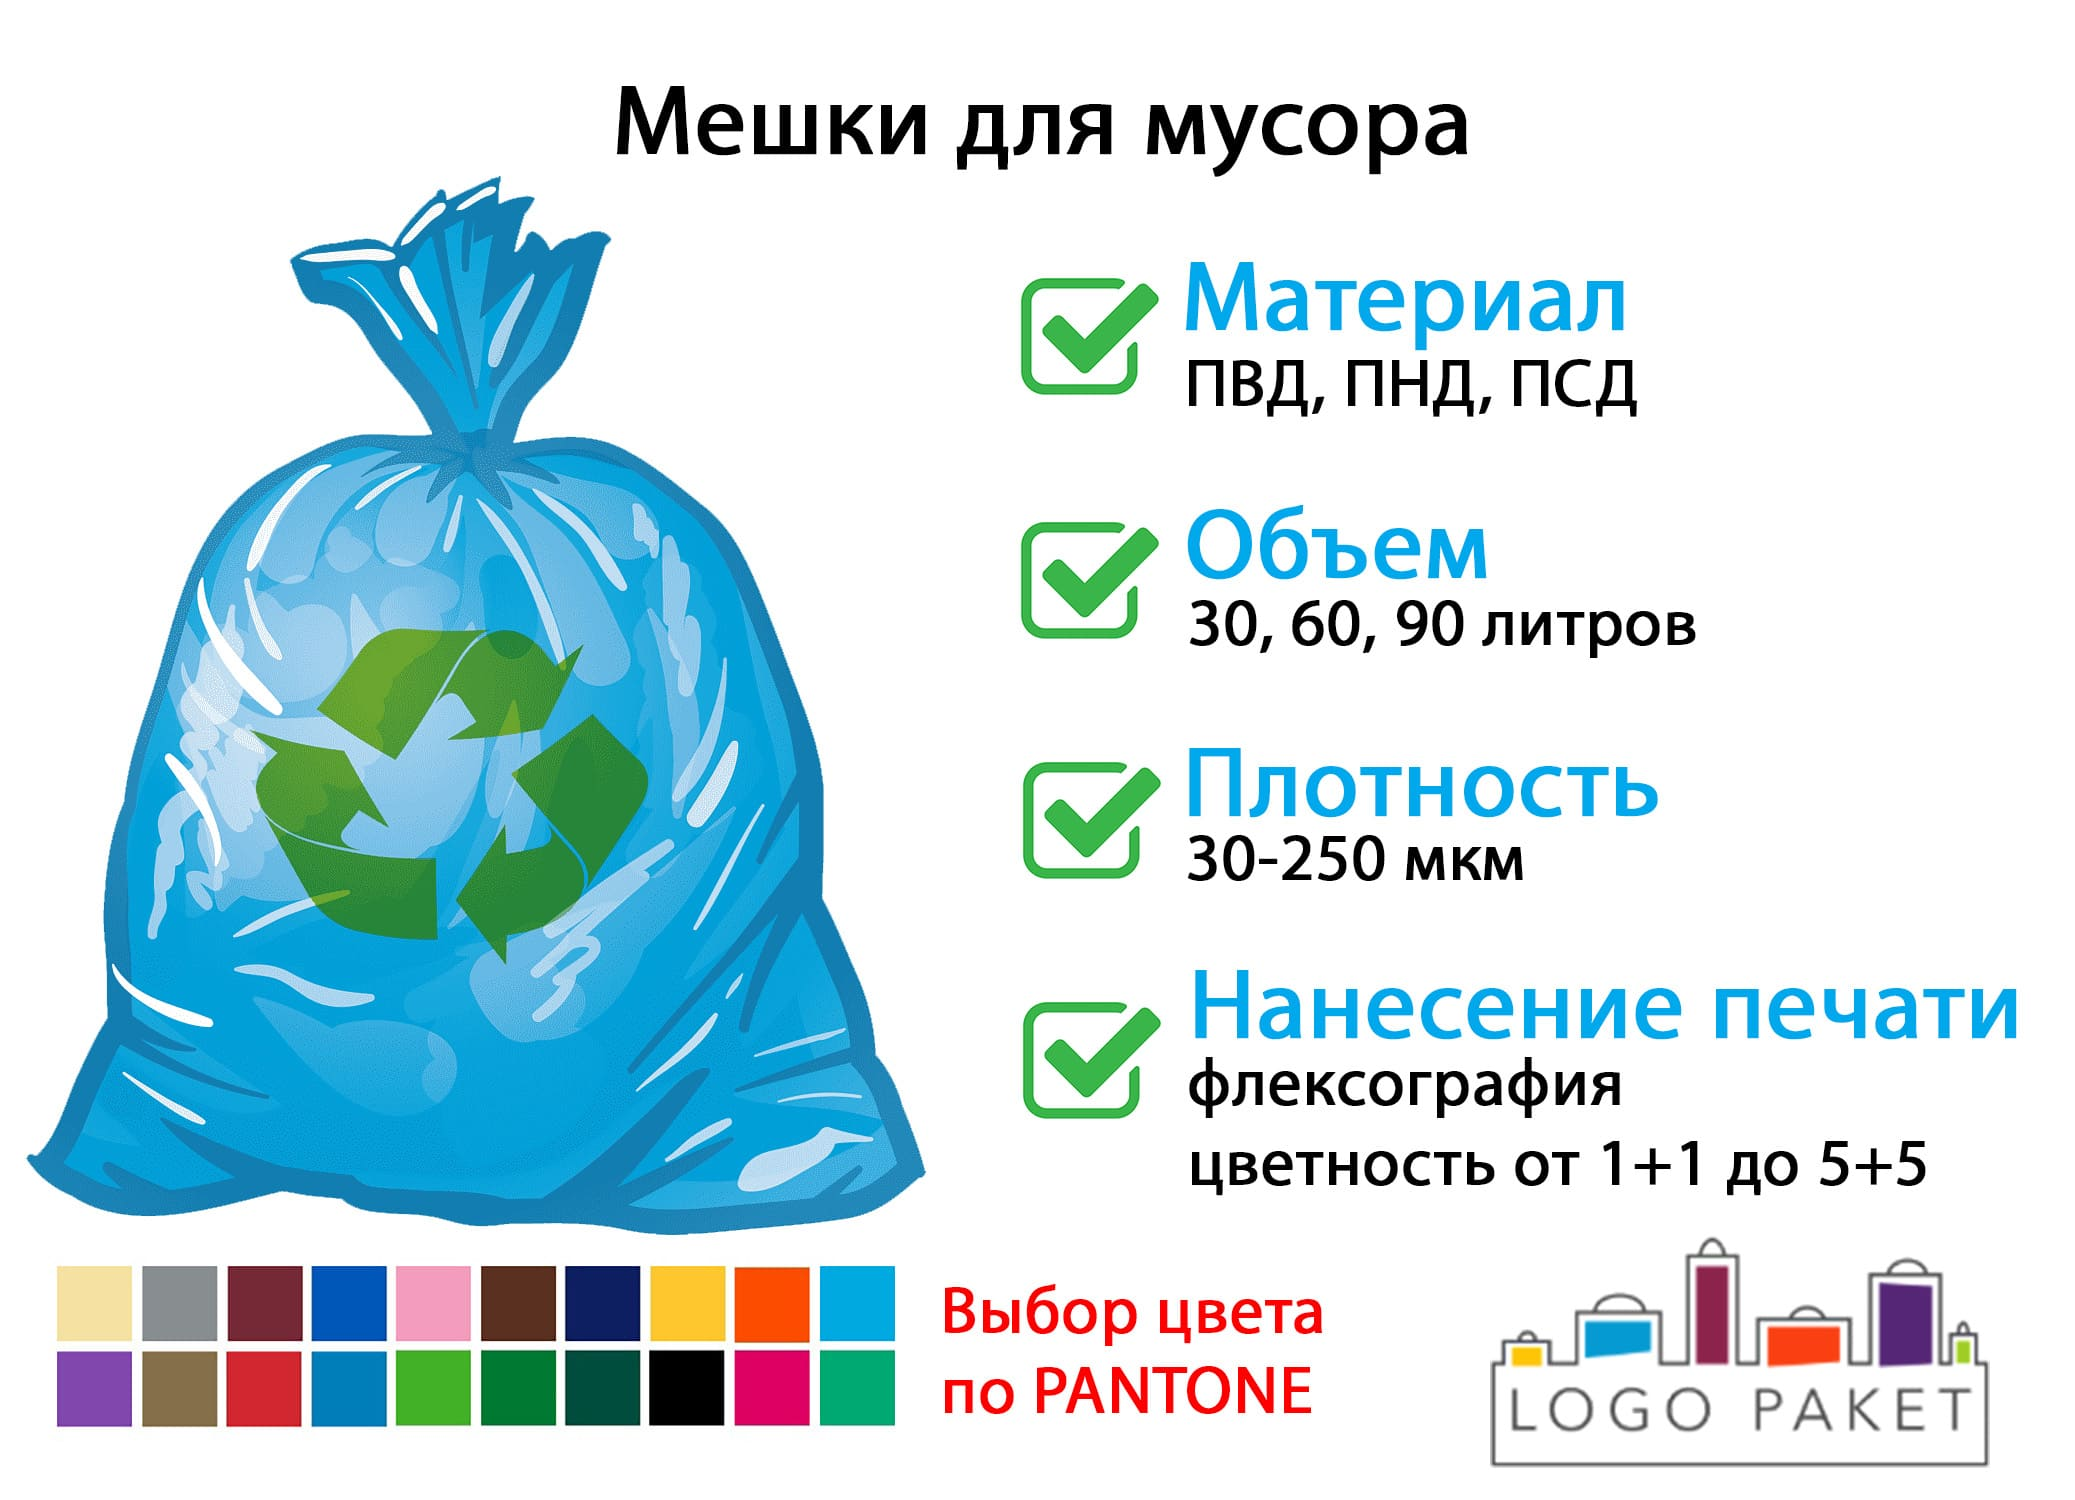 Мешки для мусора инфографика